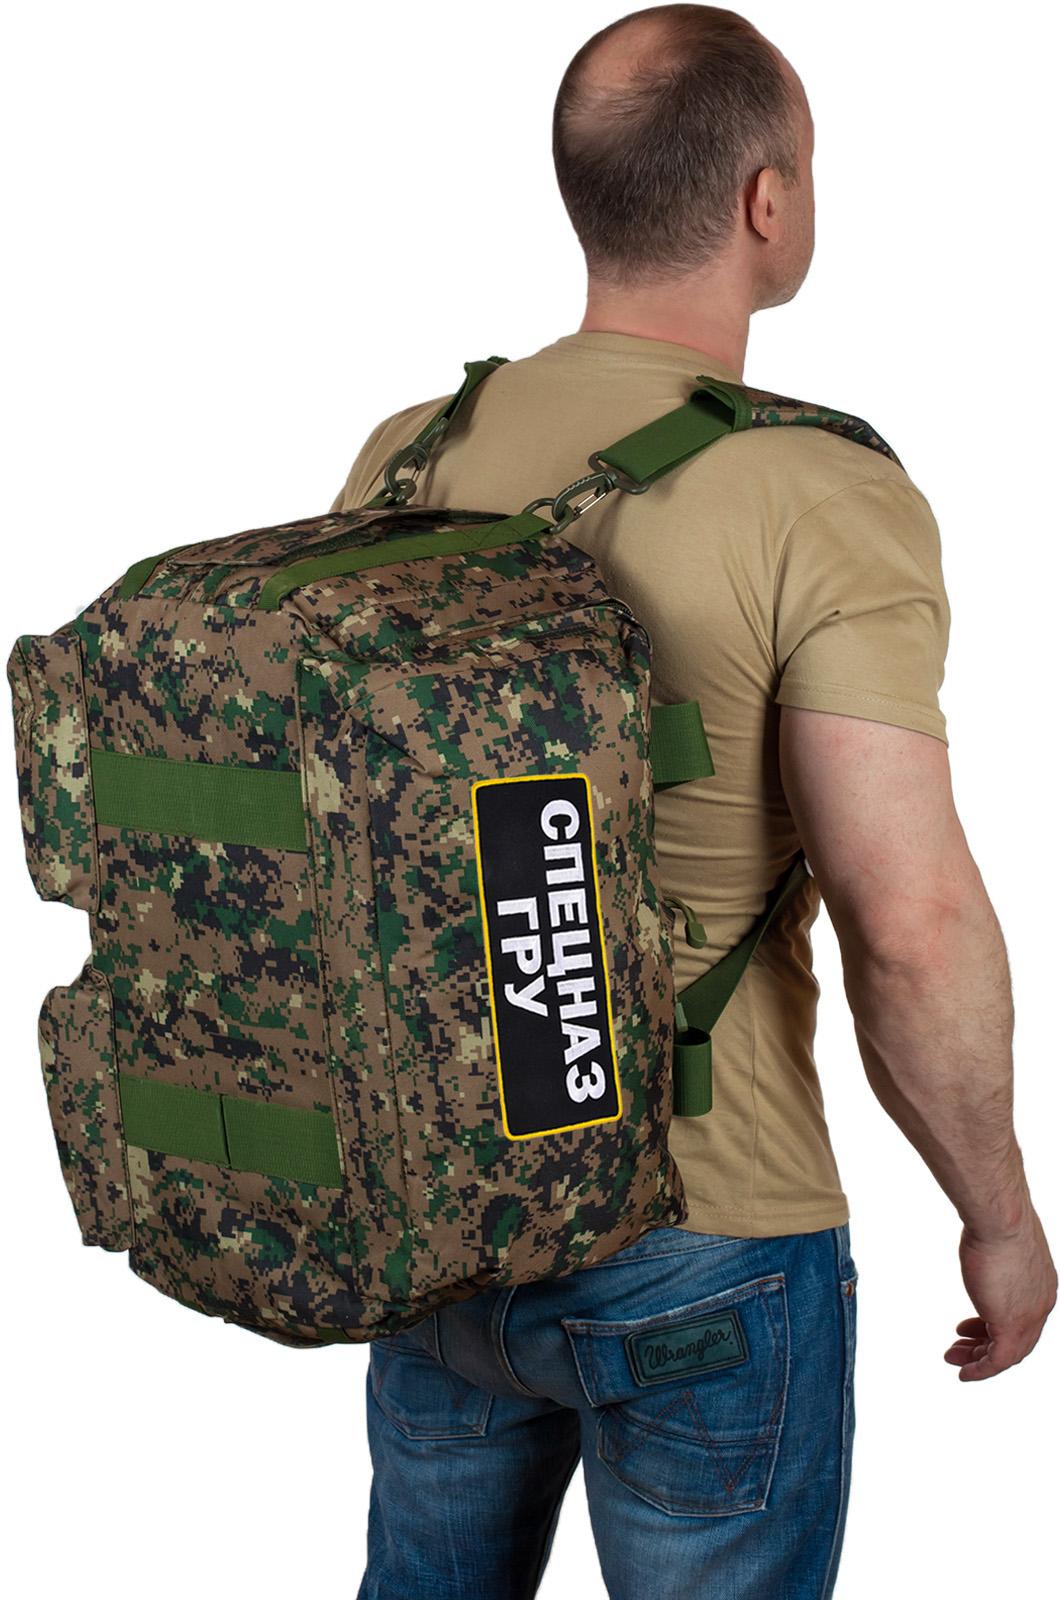 Недорогие армейские сумки Спецназ ГРУ